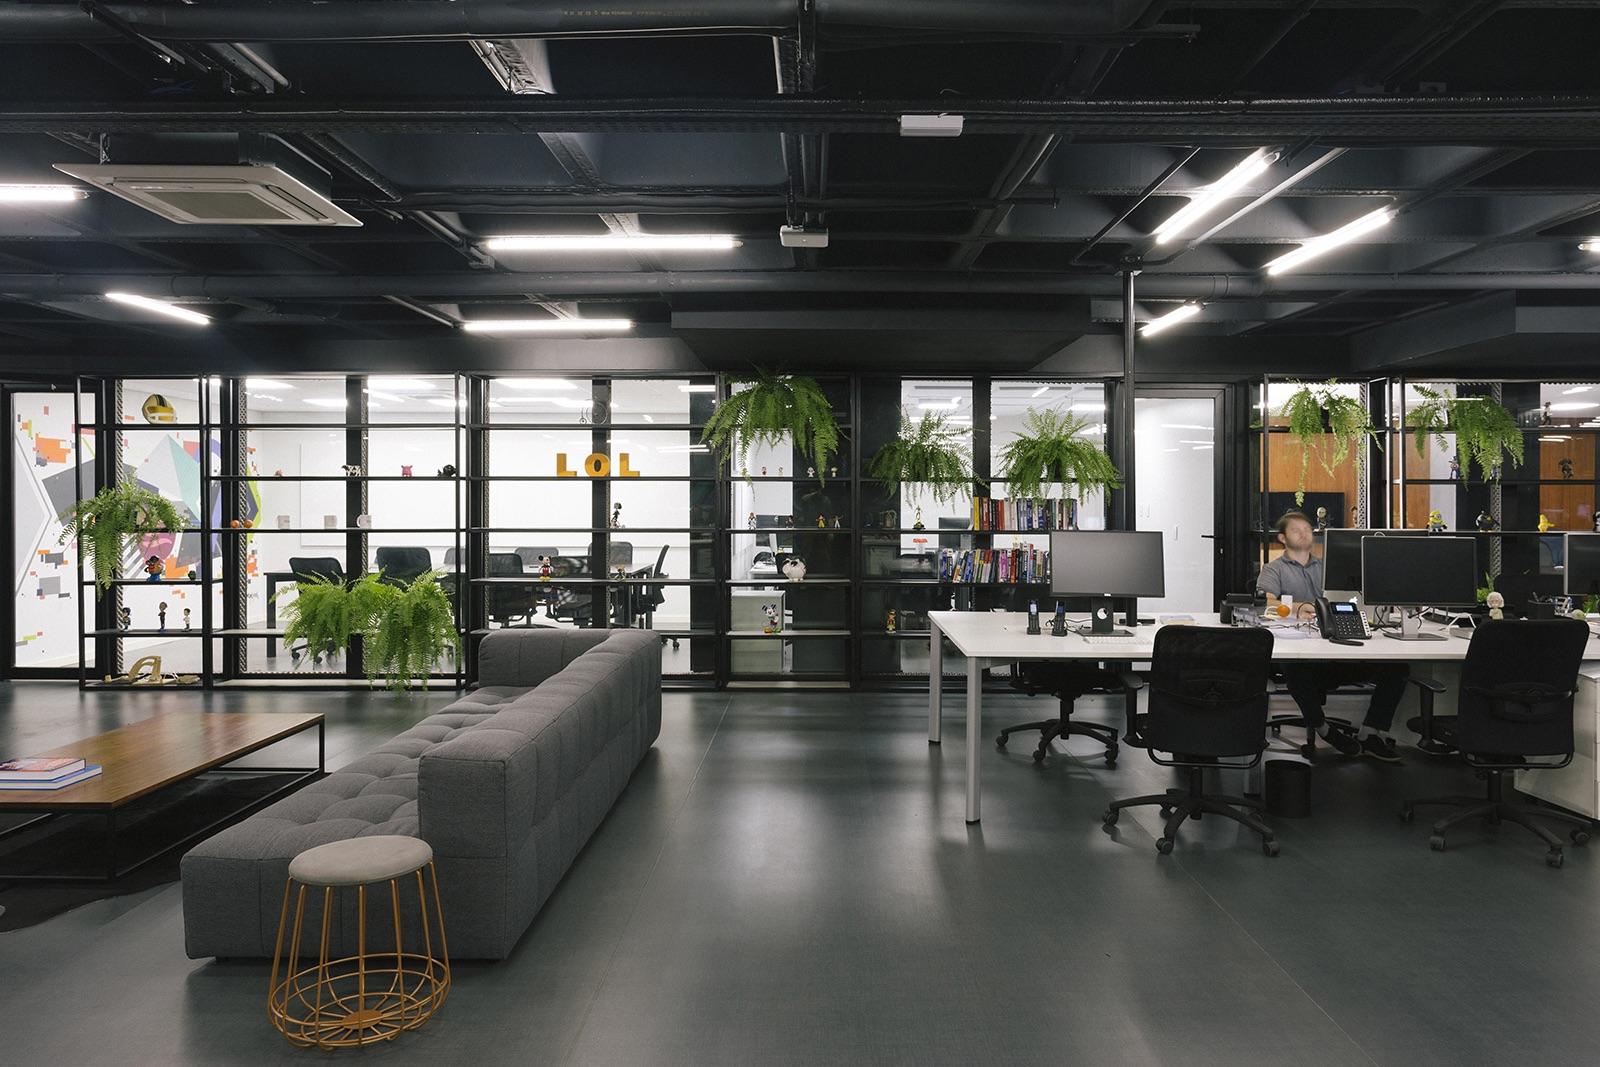 azion-technologies-porto-alegre-office-11